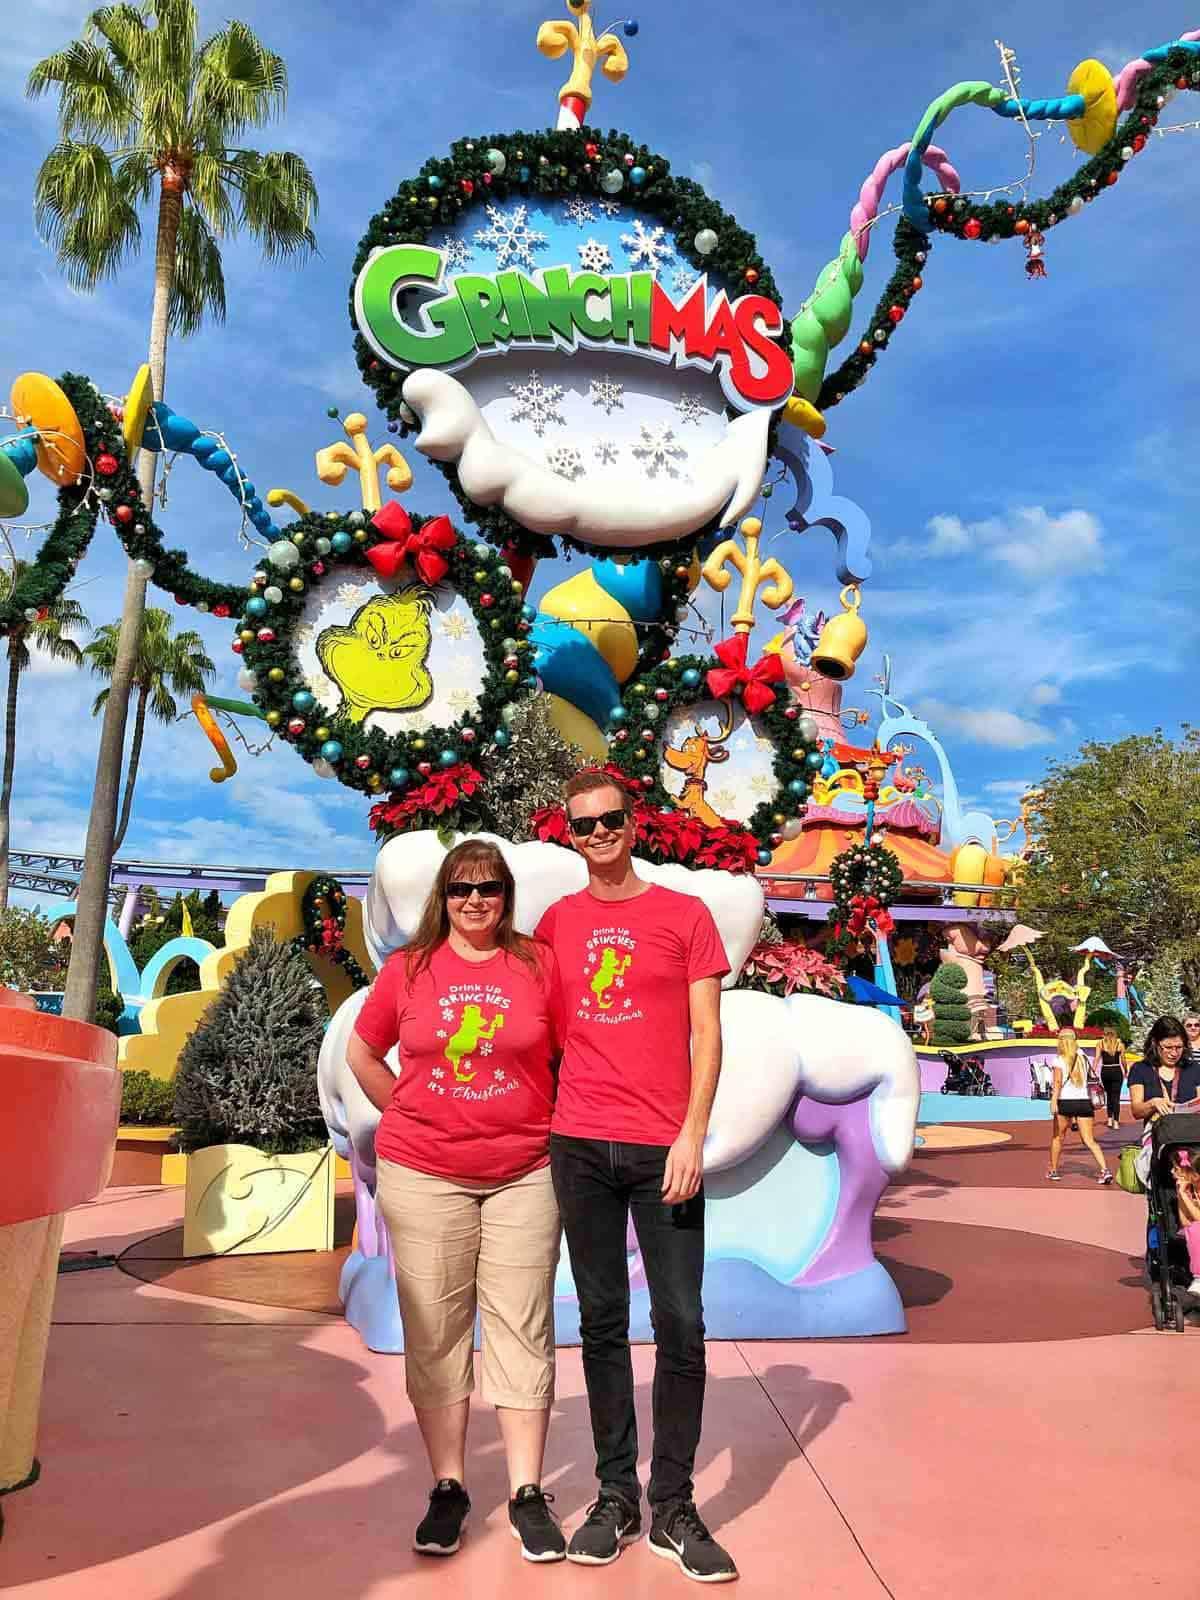 grinch-amusement-park